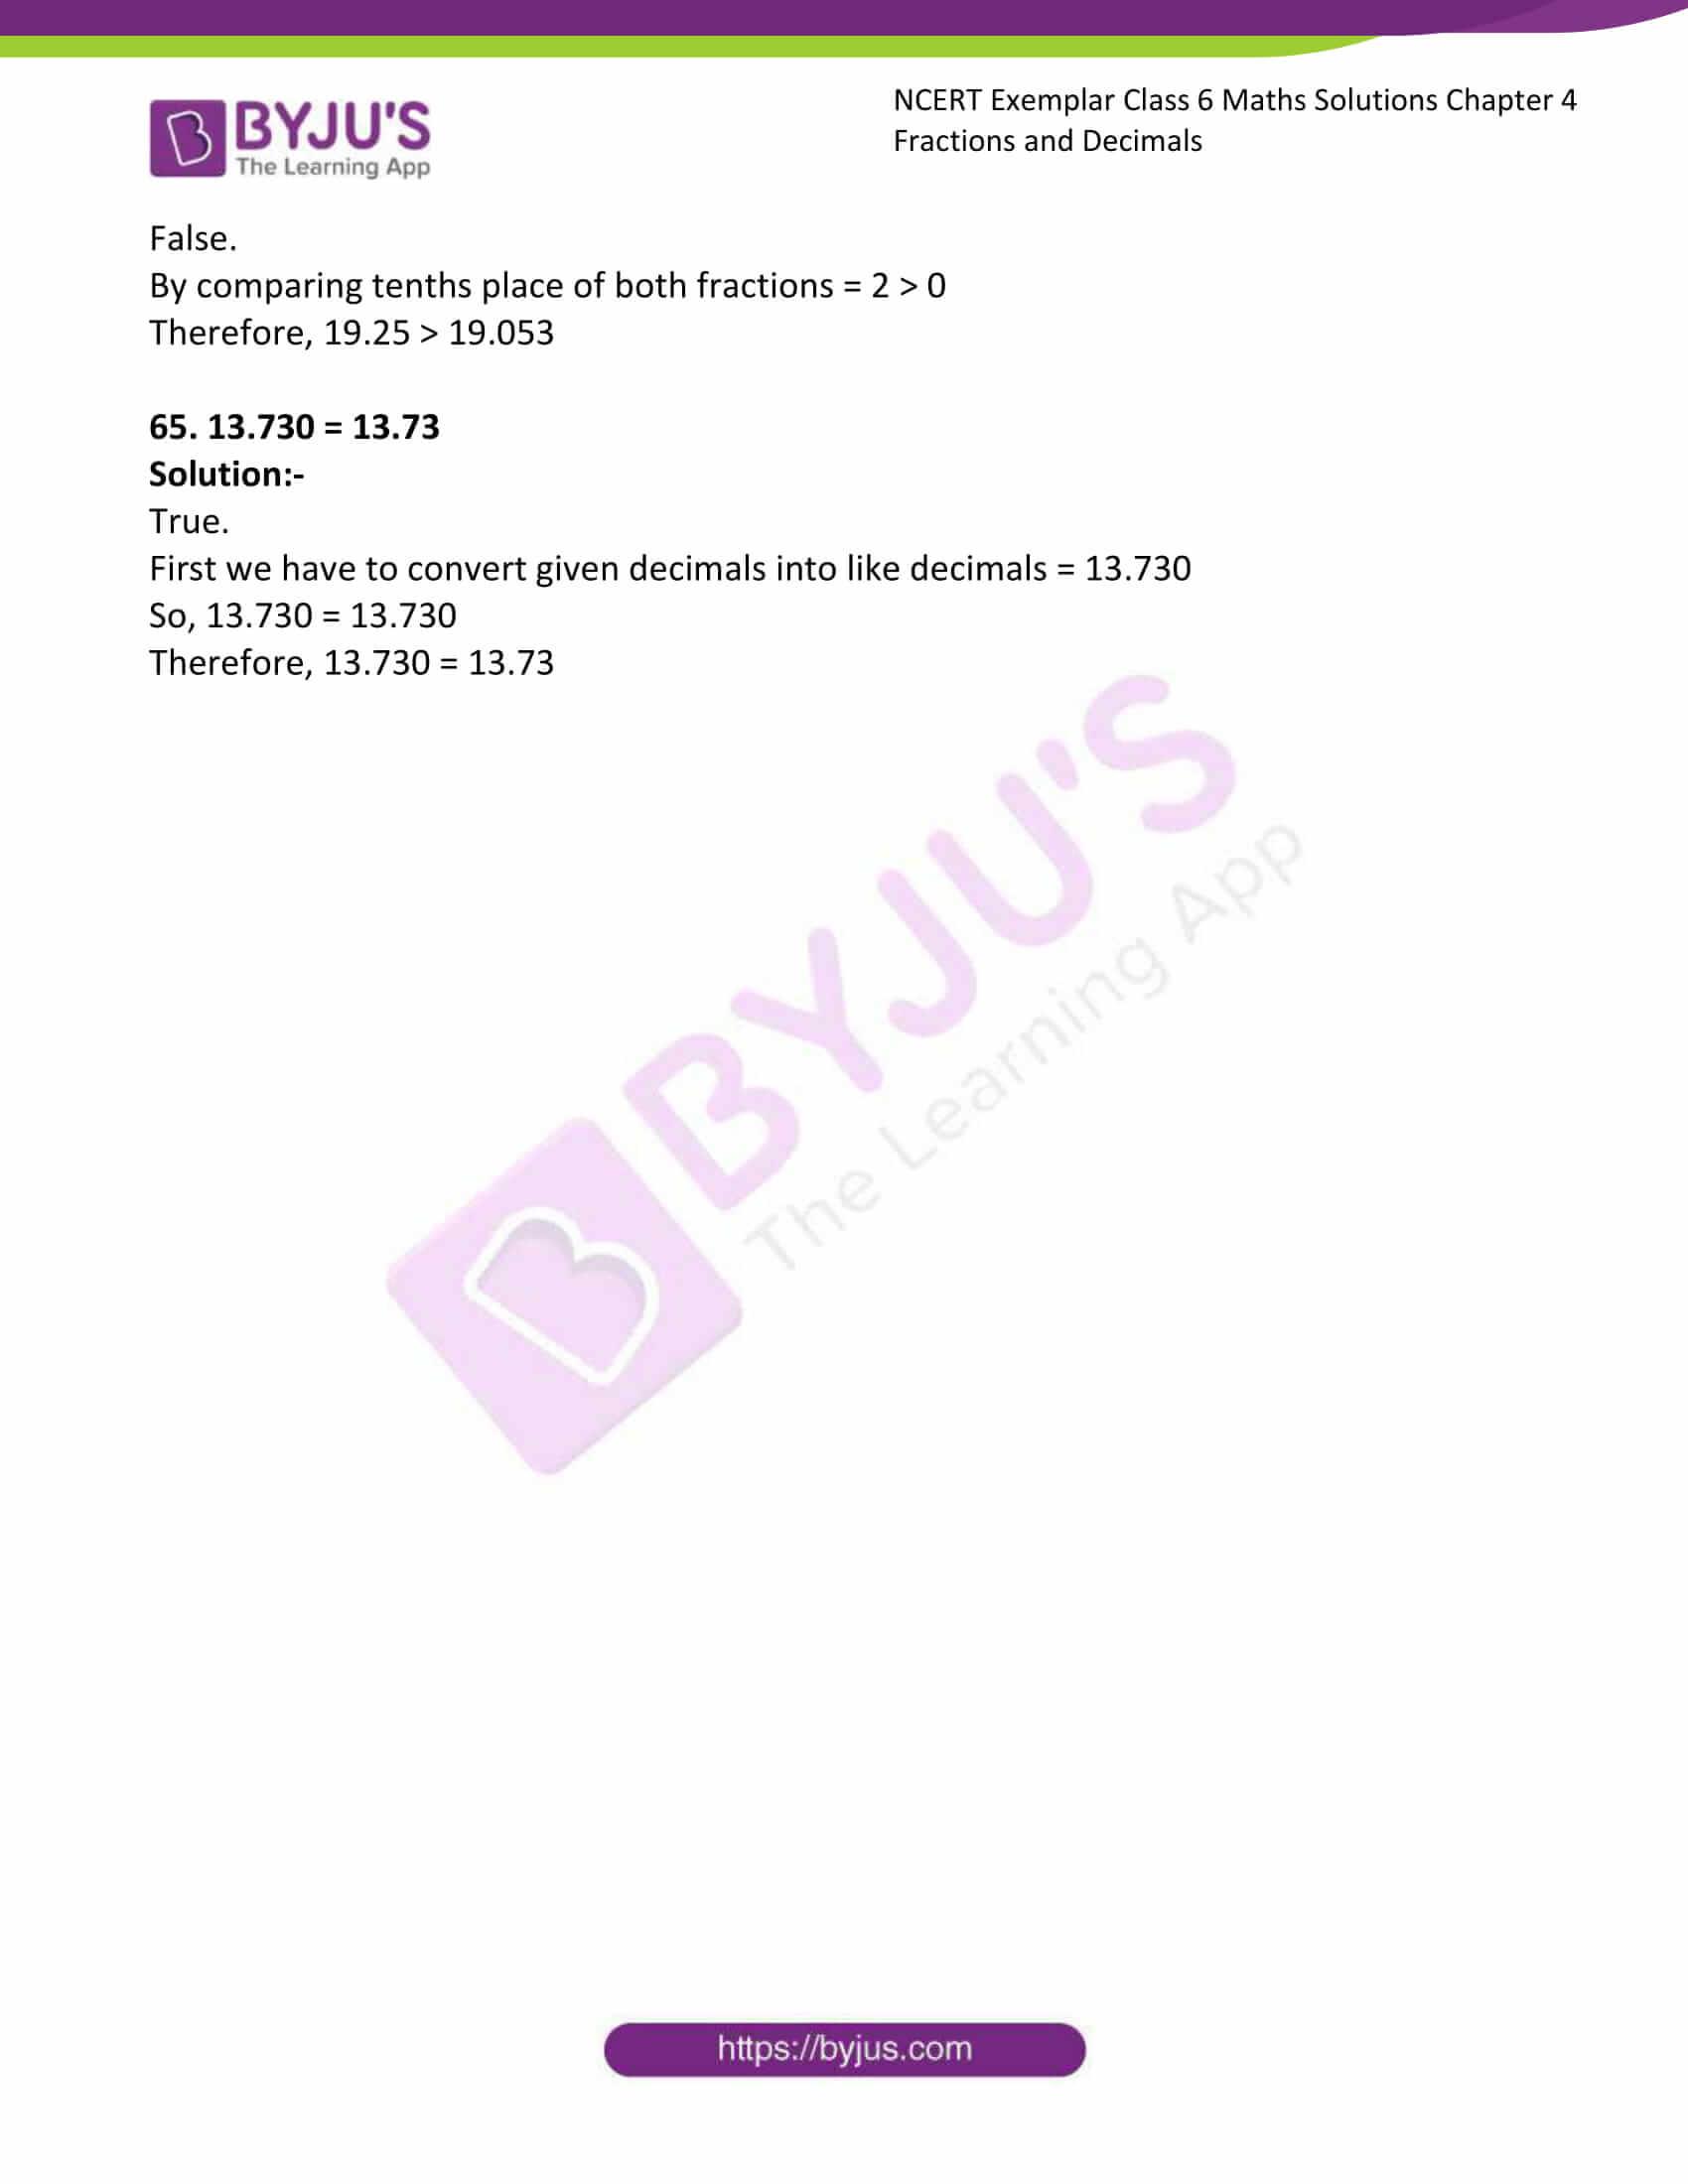 ncert exemplar class 6 maths sol ch 4 16